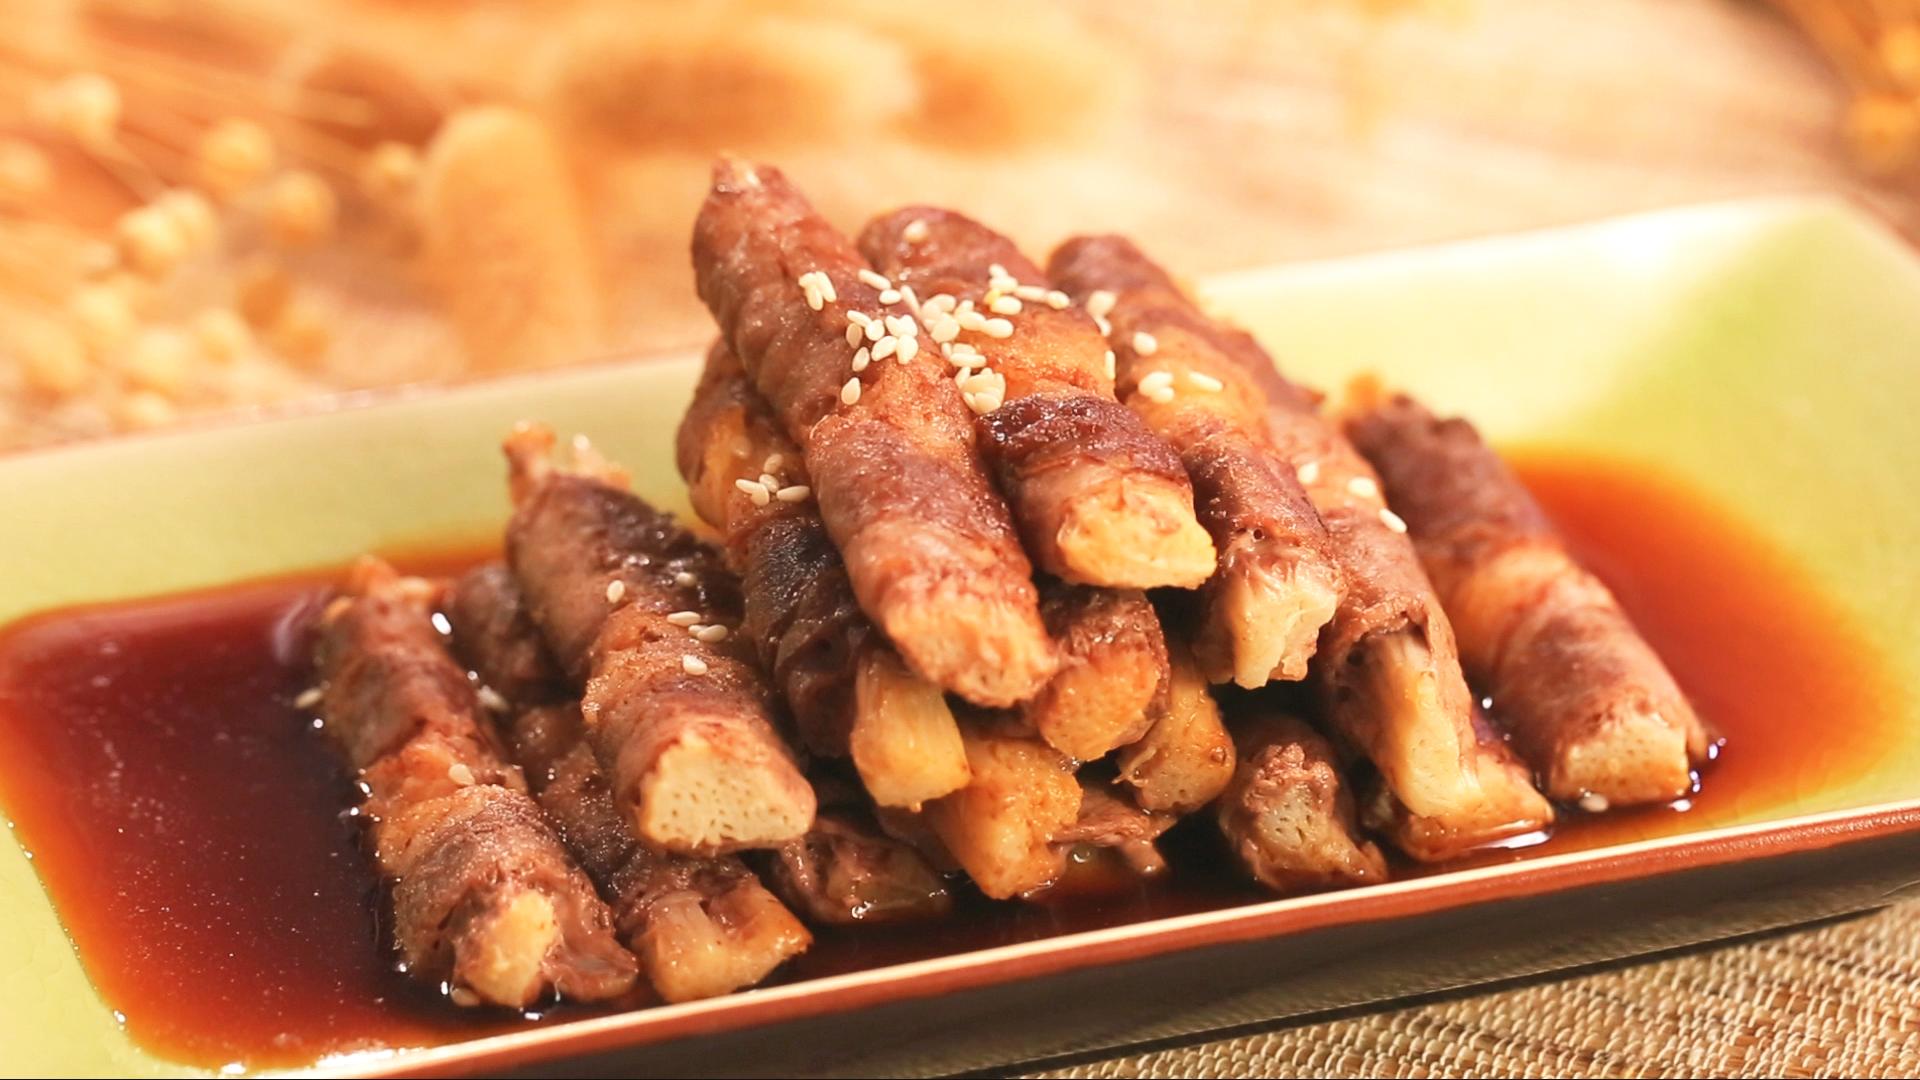 金针菇肥牛卷的美食_菜谱_豆果做法炖三文鱼图片